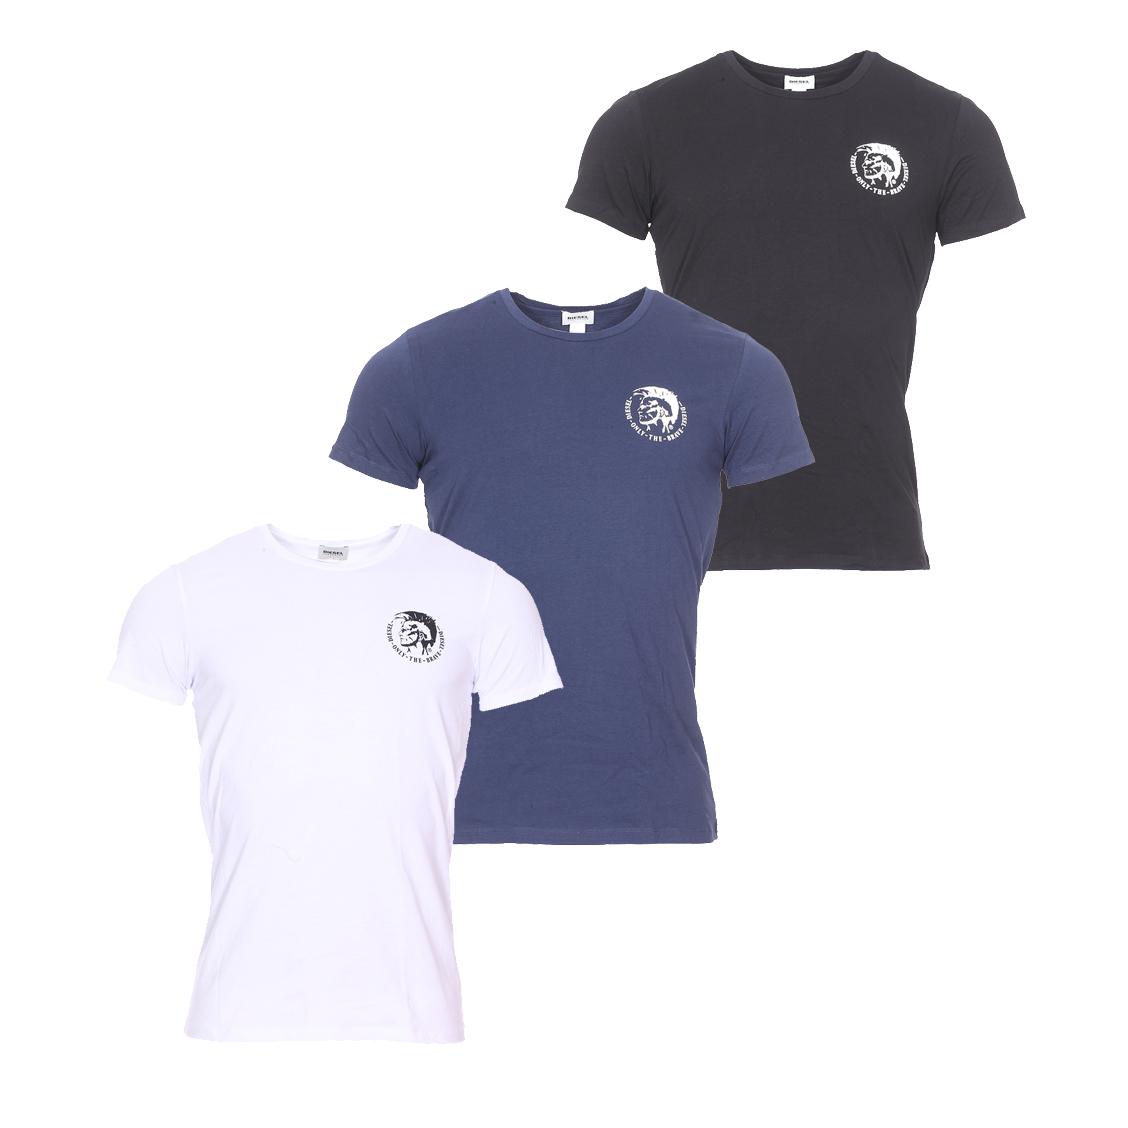 Lot de 3 tee-shirts col rond diesel randal en coton stretch noir, bleu marine et blanc floqué